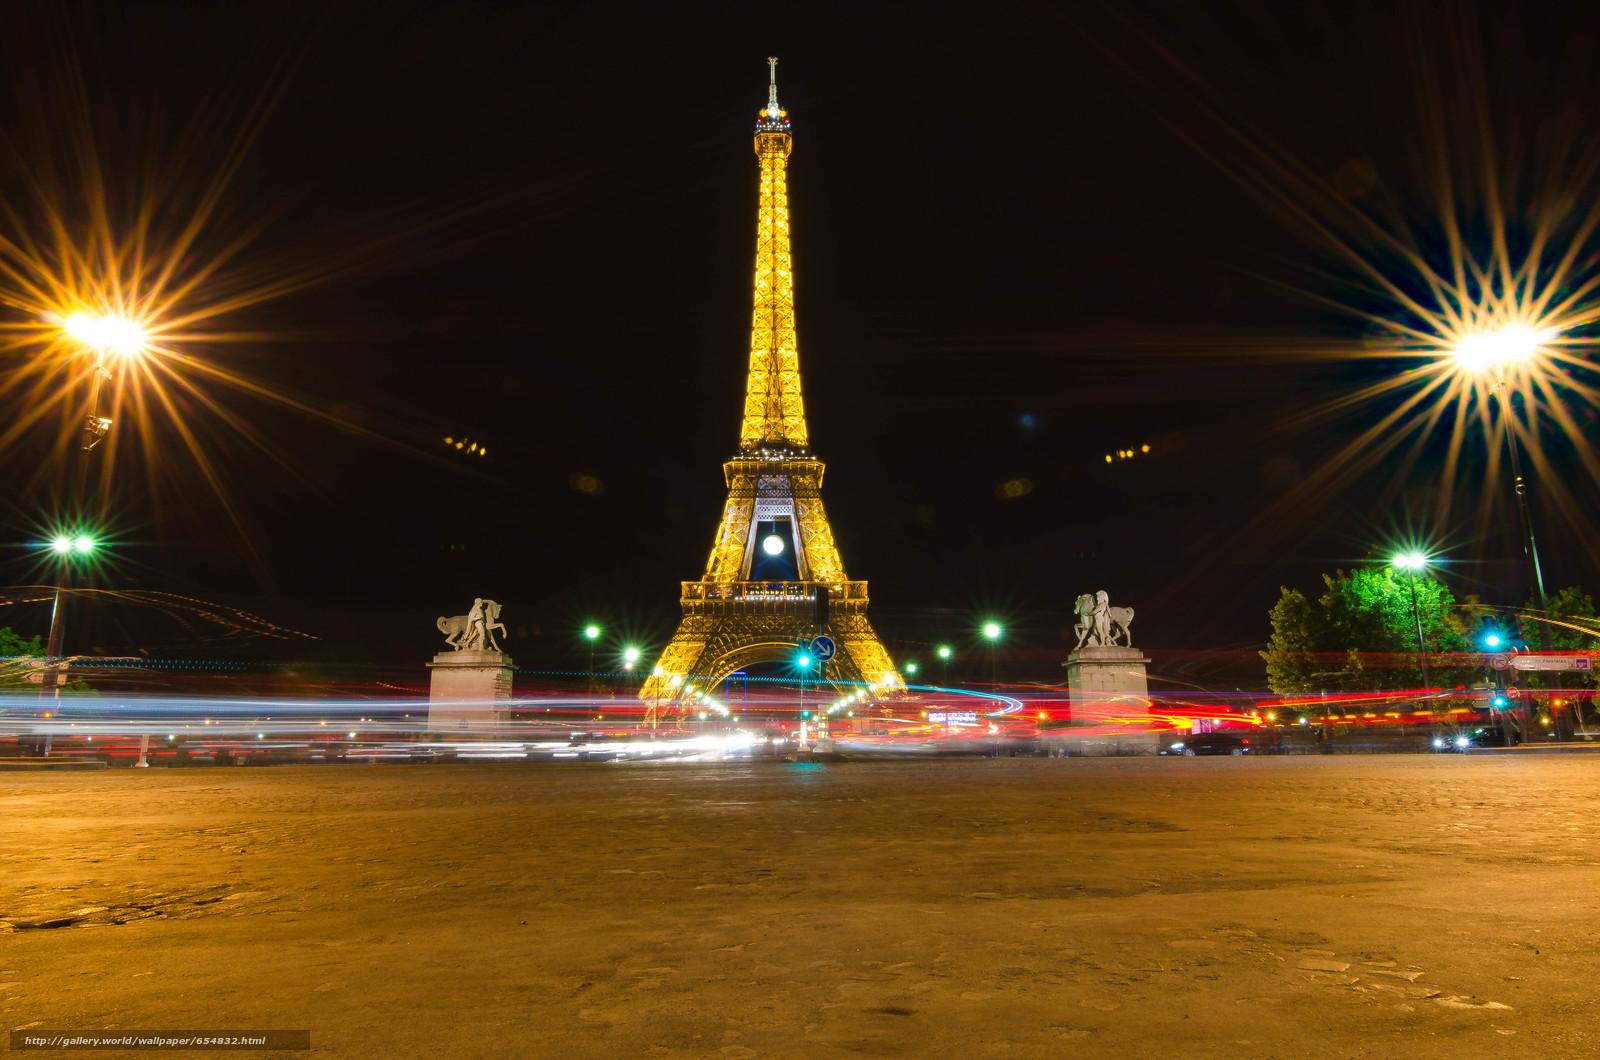 Download wallpaper Eiffel Tower,  Paris,  France,  Eiffel Tower free desktop wallpaper in the resolution 4928x3264 — picture №654832